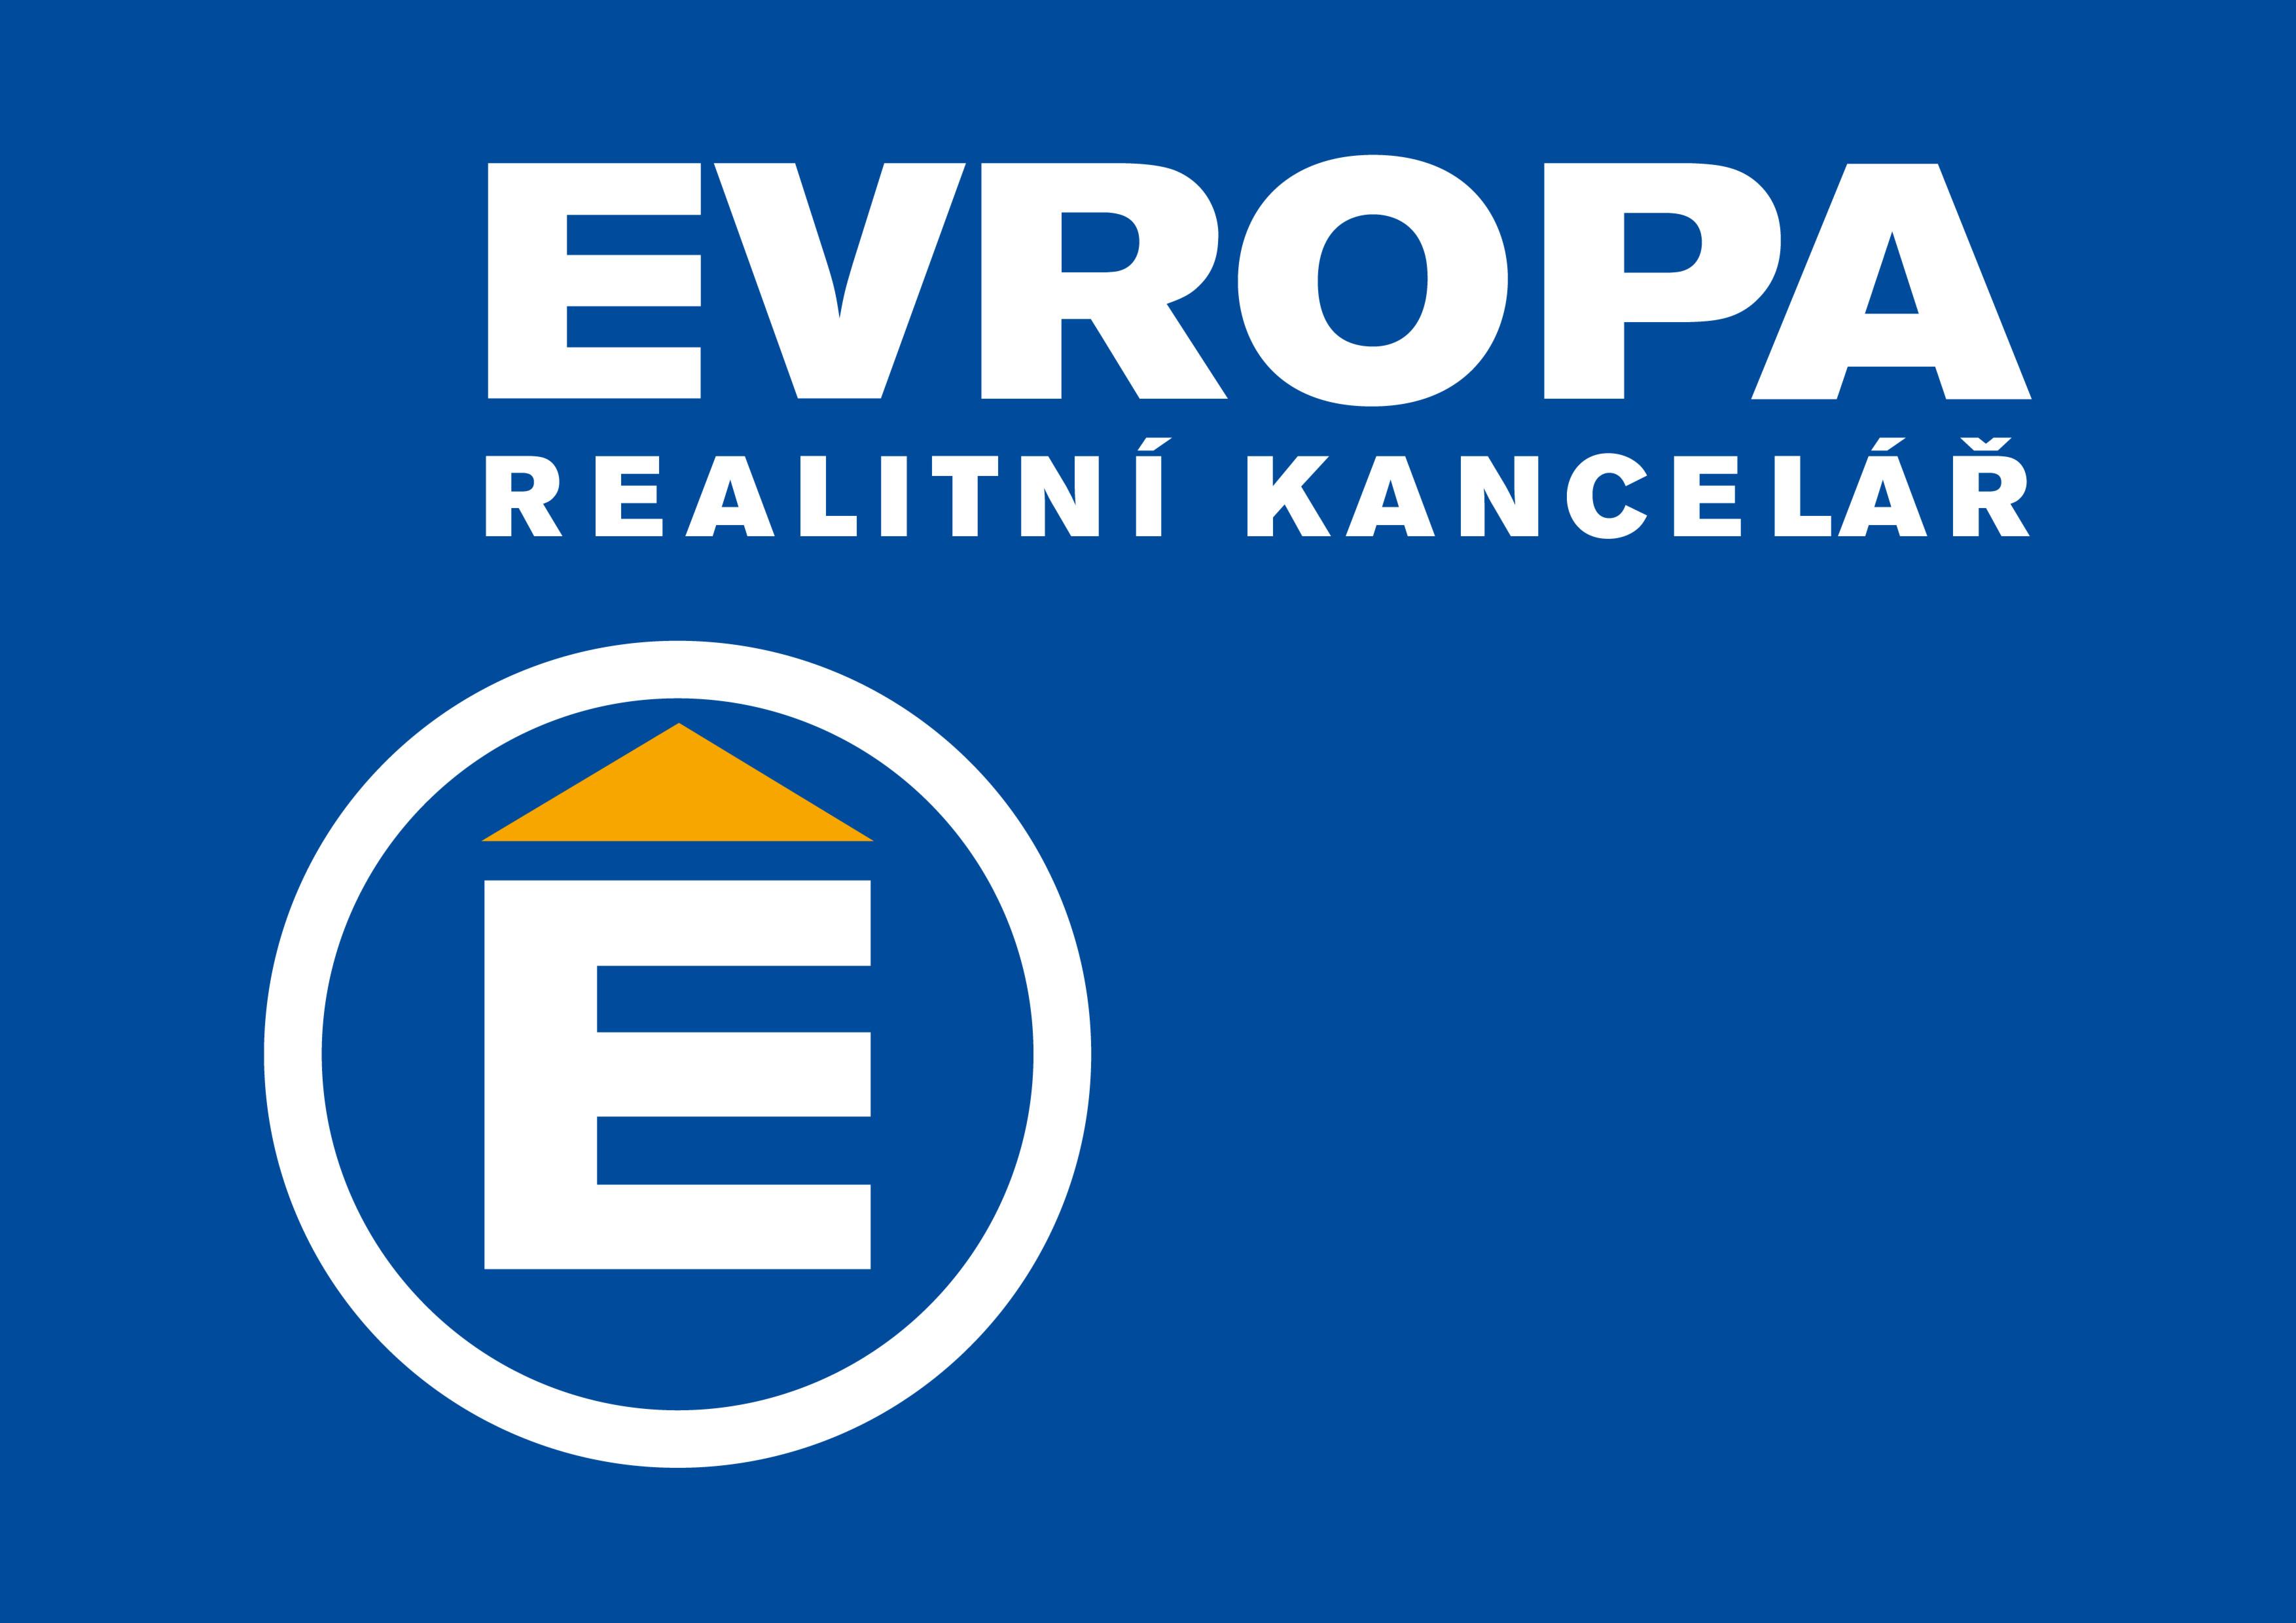 EVROPA realitní kancelář OSTRAVA - MORAVSKÁ OSTRAVA